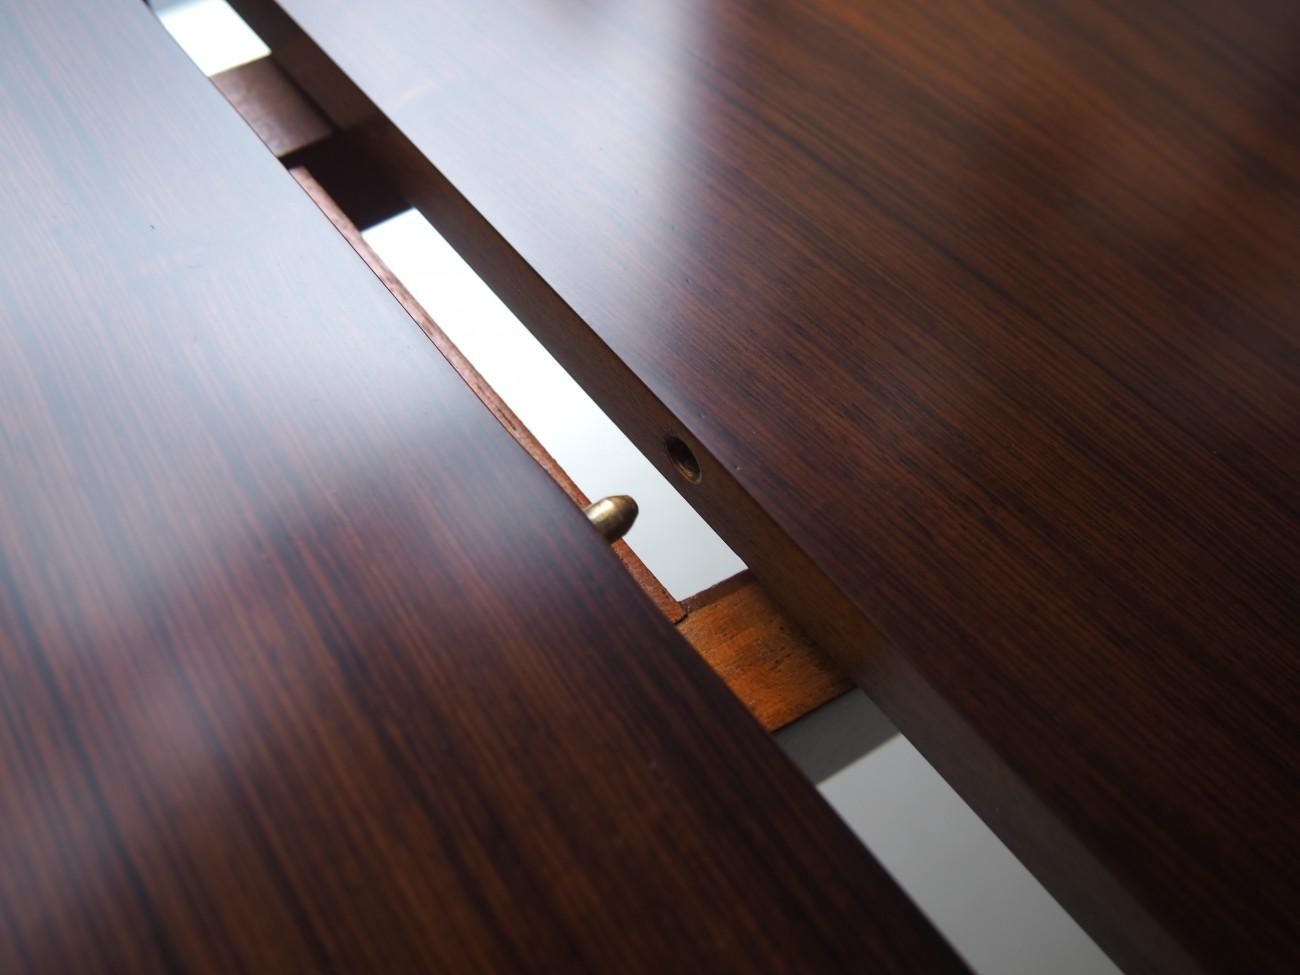 エクステンションダイニングテーブル A.H.McINTOSH(マッキントッシュ) & CO LTD KIRKCALDY SCOTLANDのエクステンション金具